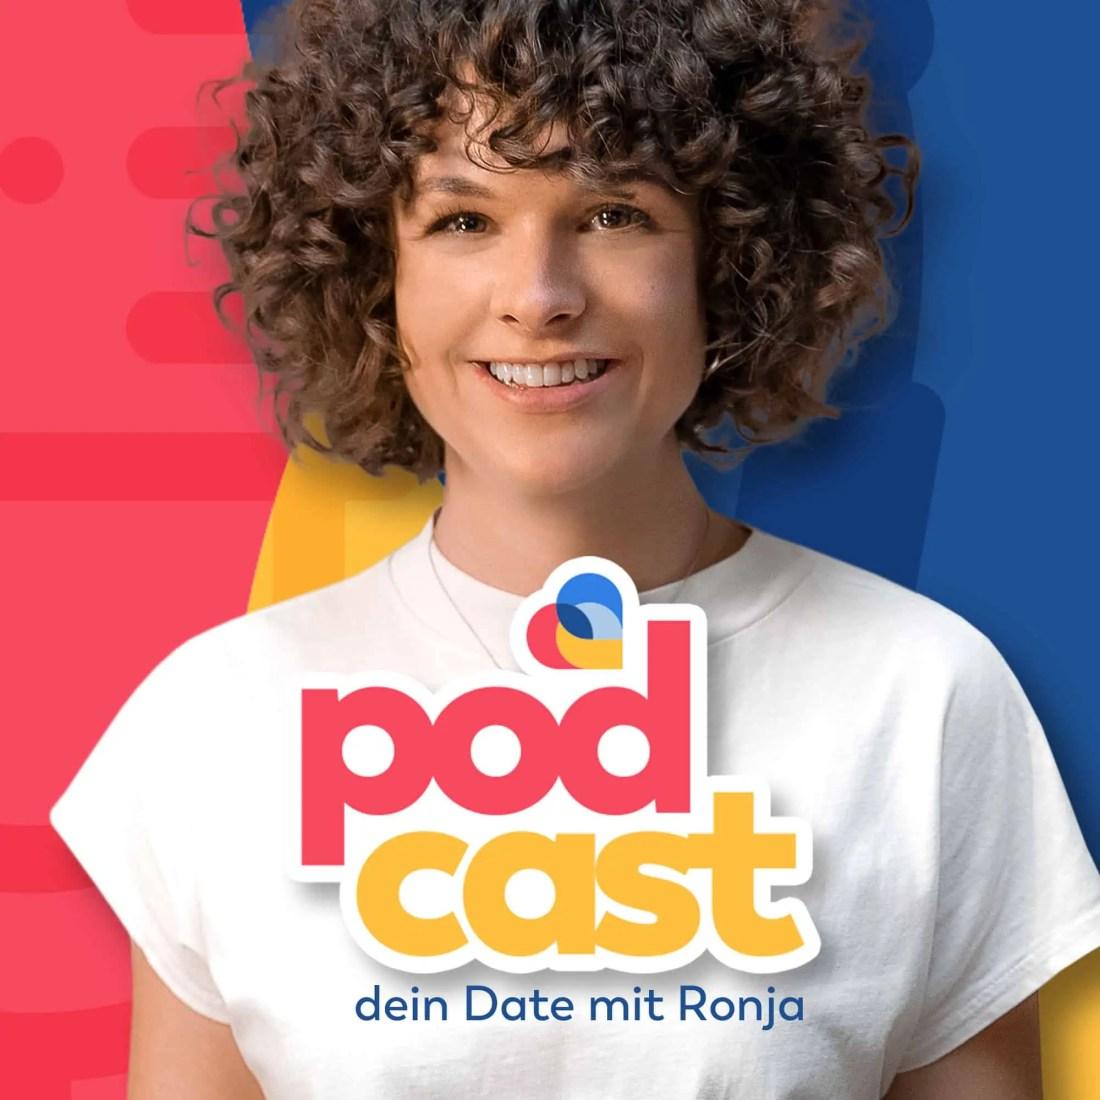 Corporate Podcast: Dein Date mit Ronja - Der LOVOO Podcast von Podever